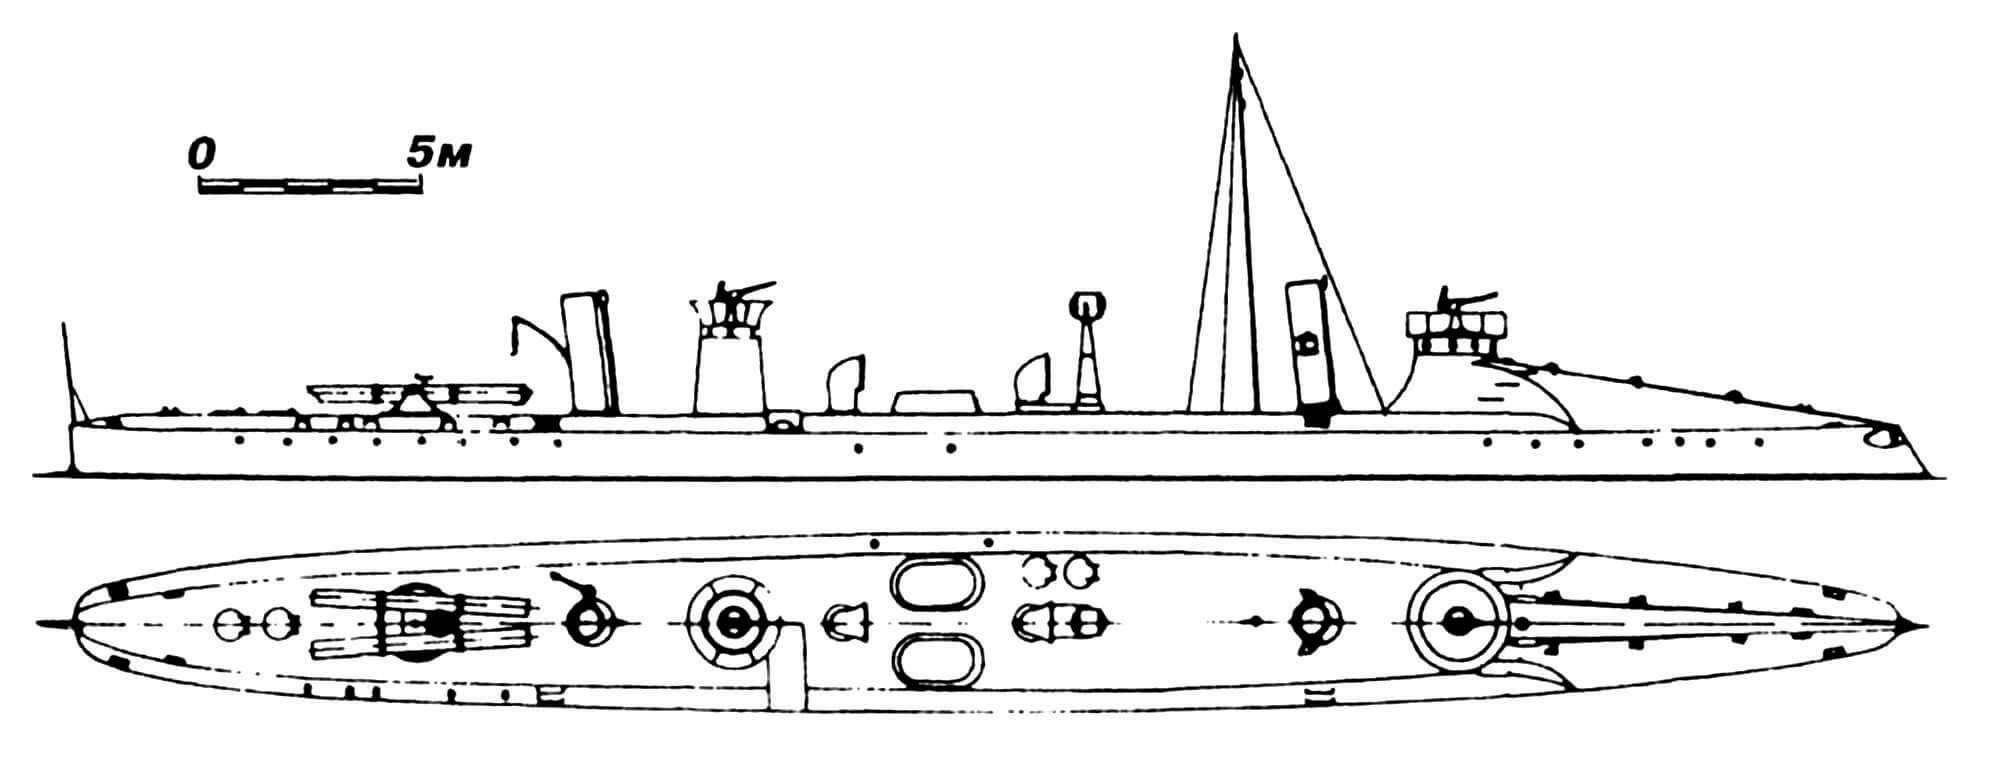 45.Миноносец 76YA, Италия, 1887 г. Строился в Англии фирмой «Ярроу». Водоизмещение нормальное 100 т, полное 110 т. Длина наибольшая 42,7 м, ширина 4,27 м, осадка 1,54 м. Мощность двухвальной паросиловой установки 1600 л.с., скорость на испытаниях 26 узлов. Вооружение: четыре торпедных аппарата (два носовых и два палубных), две 37-мм пушки. Всего построено четыре единицы: 76YA и 77YA — в Англии, 78YA и 79YA — в Италии (верфь в Венеции). Последние два вошли в строй только в 1895—1896 гг., имели три торпедных аппарата и развили на испытаниях скорость 22 узла. Все сданы на слом в 1907— 1910 гг.